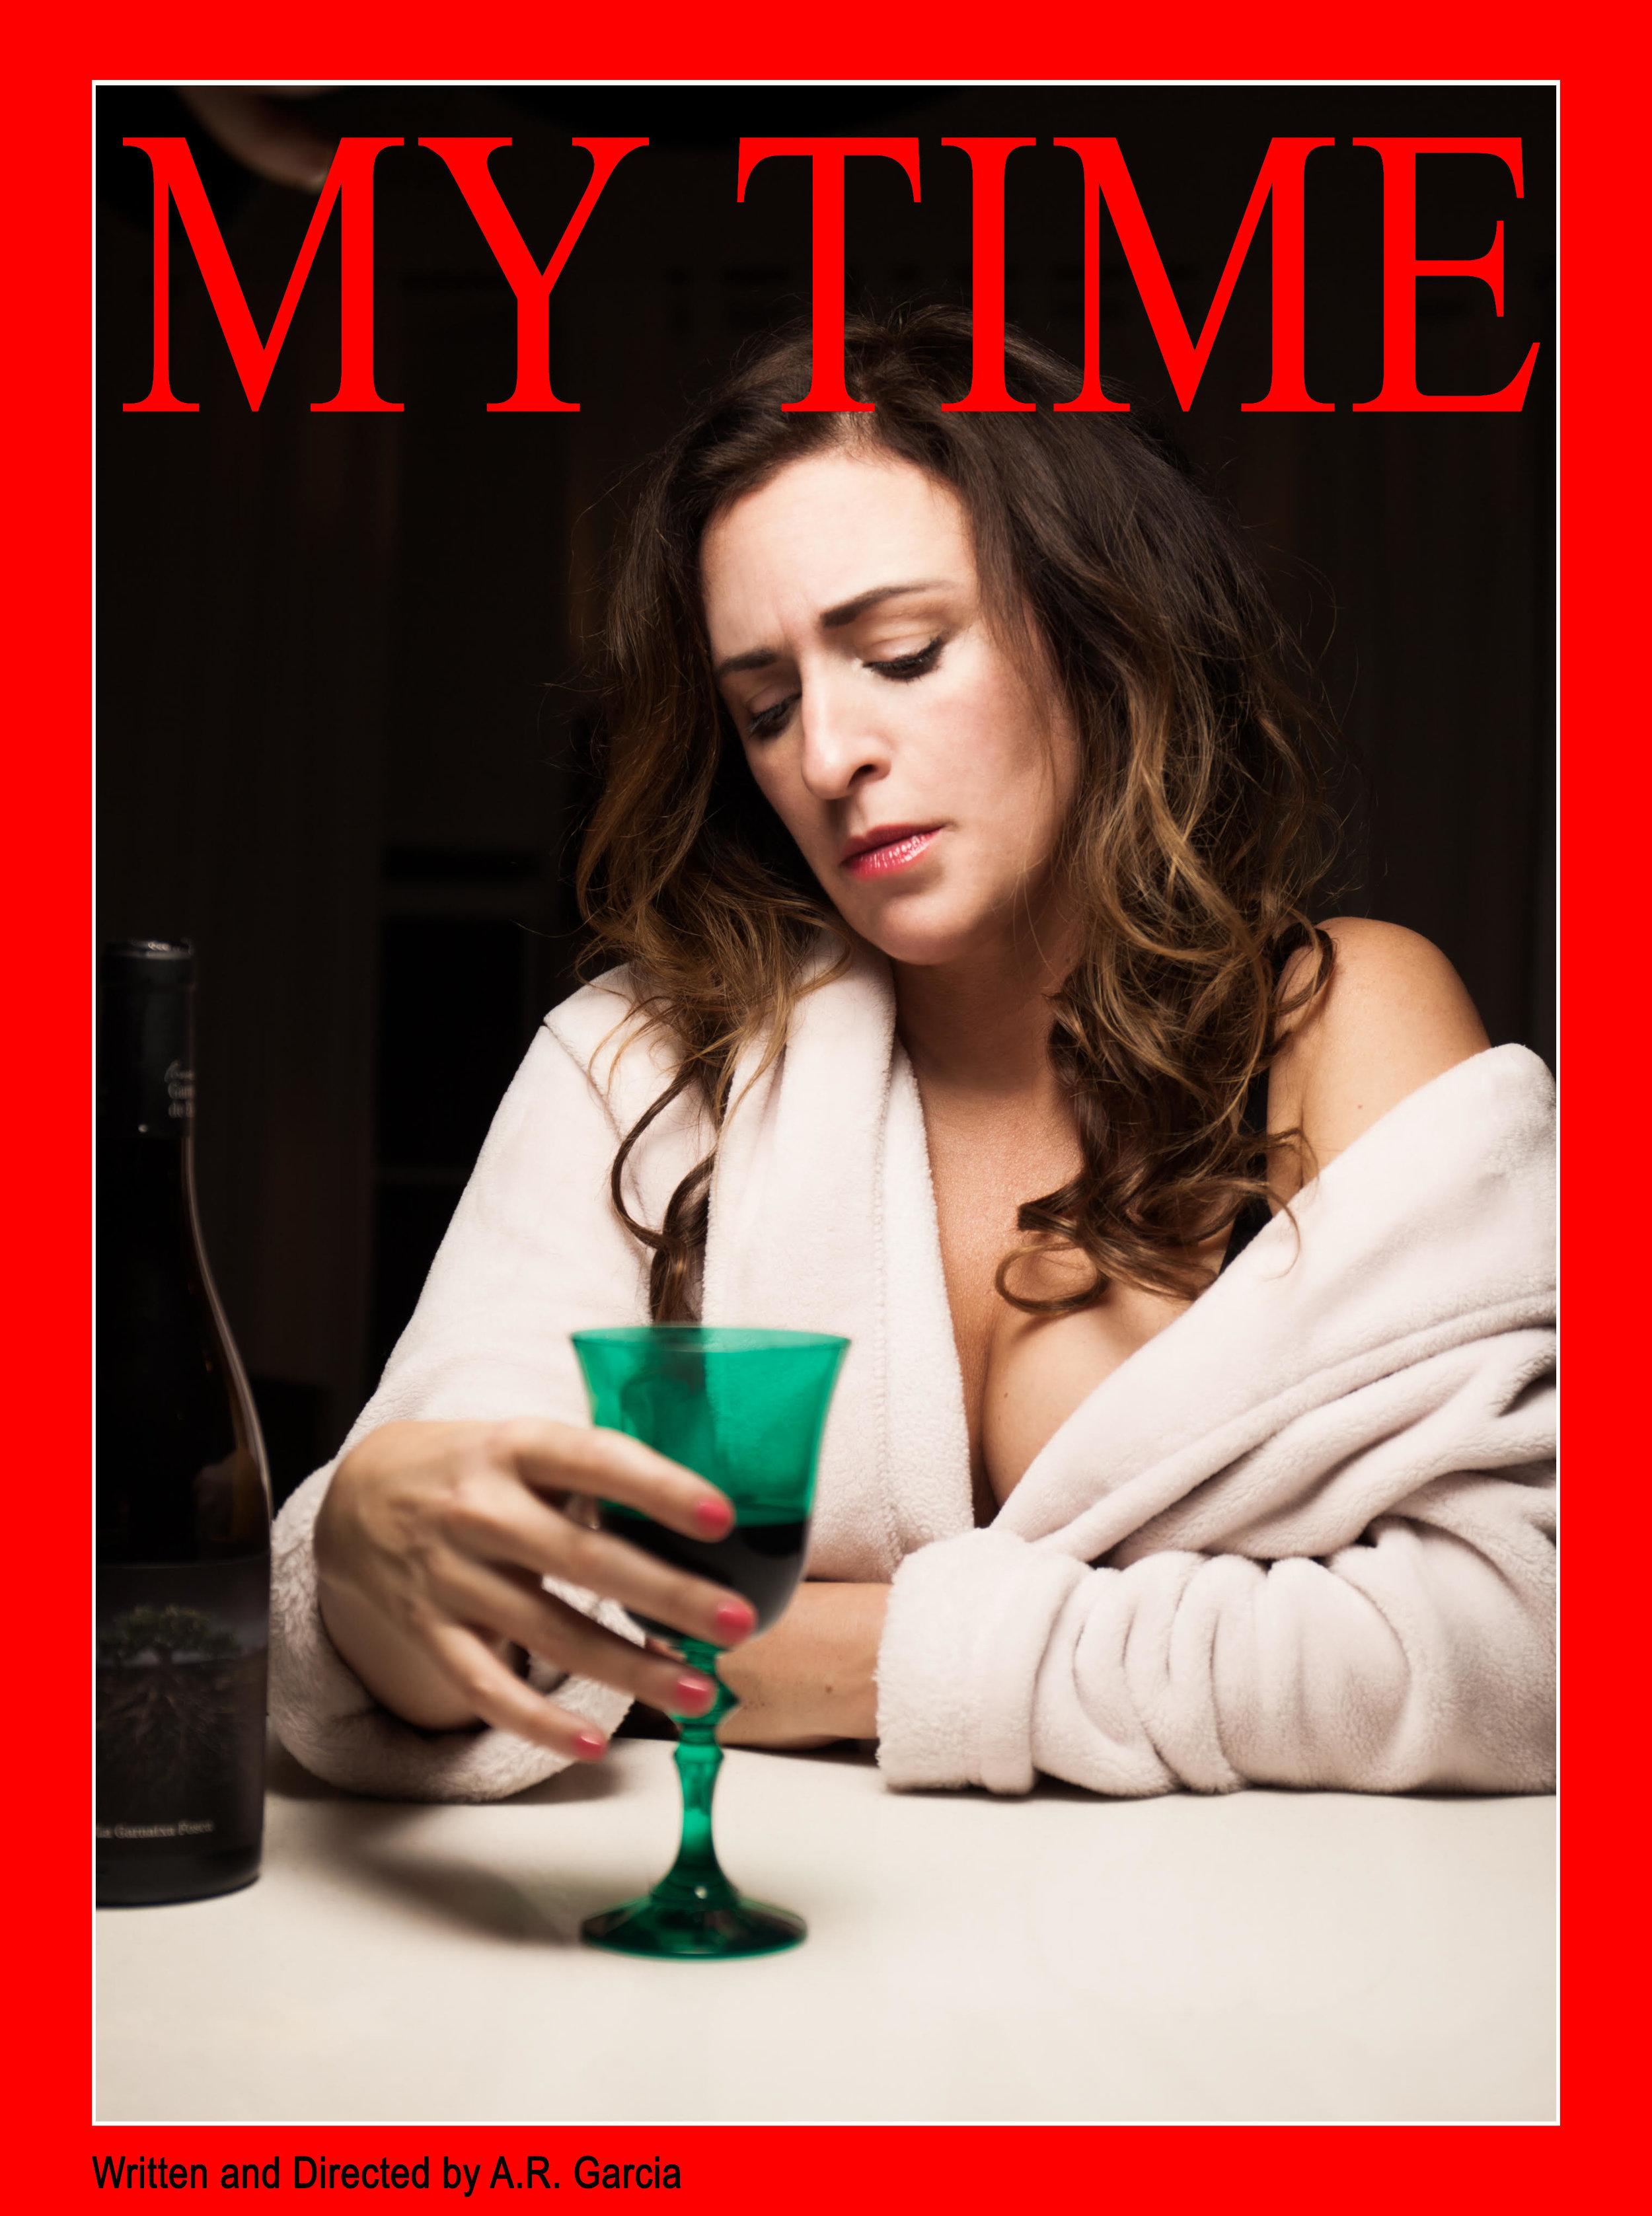 My Time.jpg